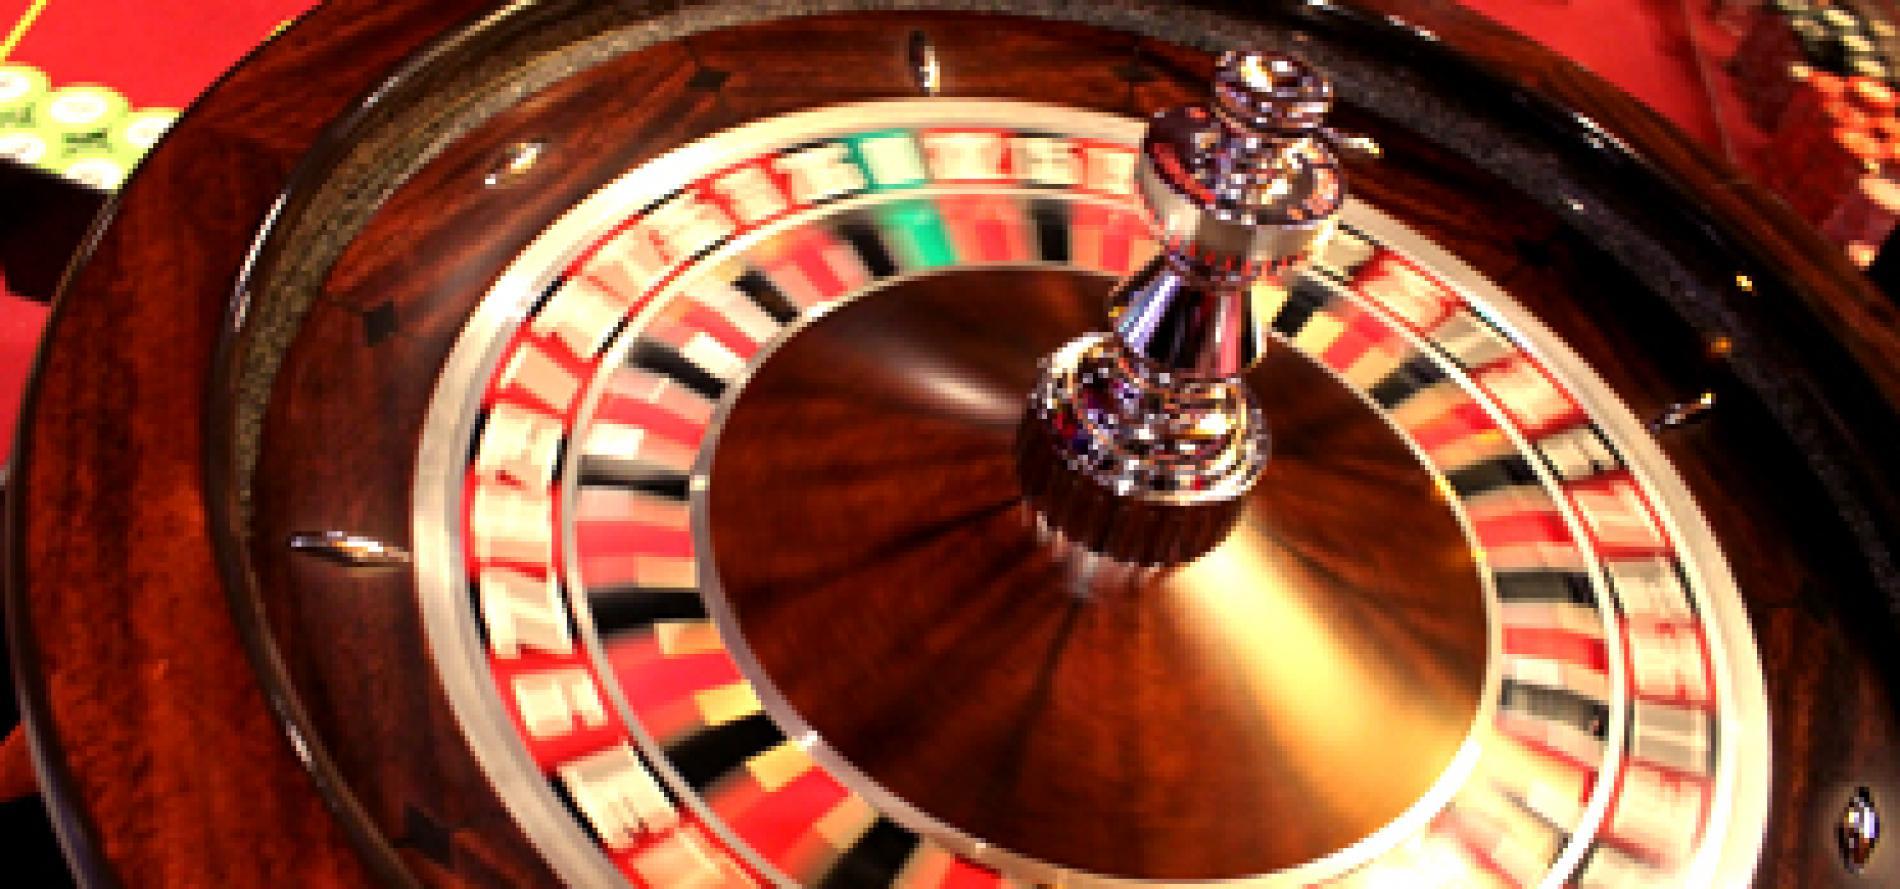 Full tilt poker pokerstars